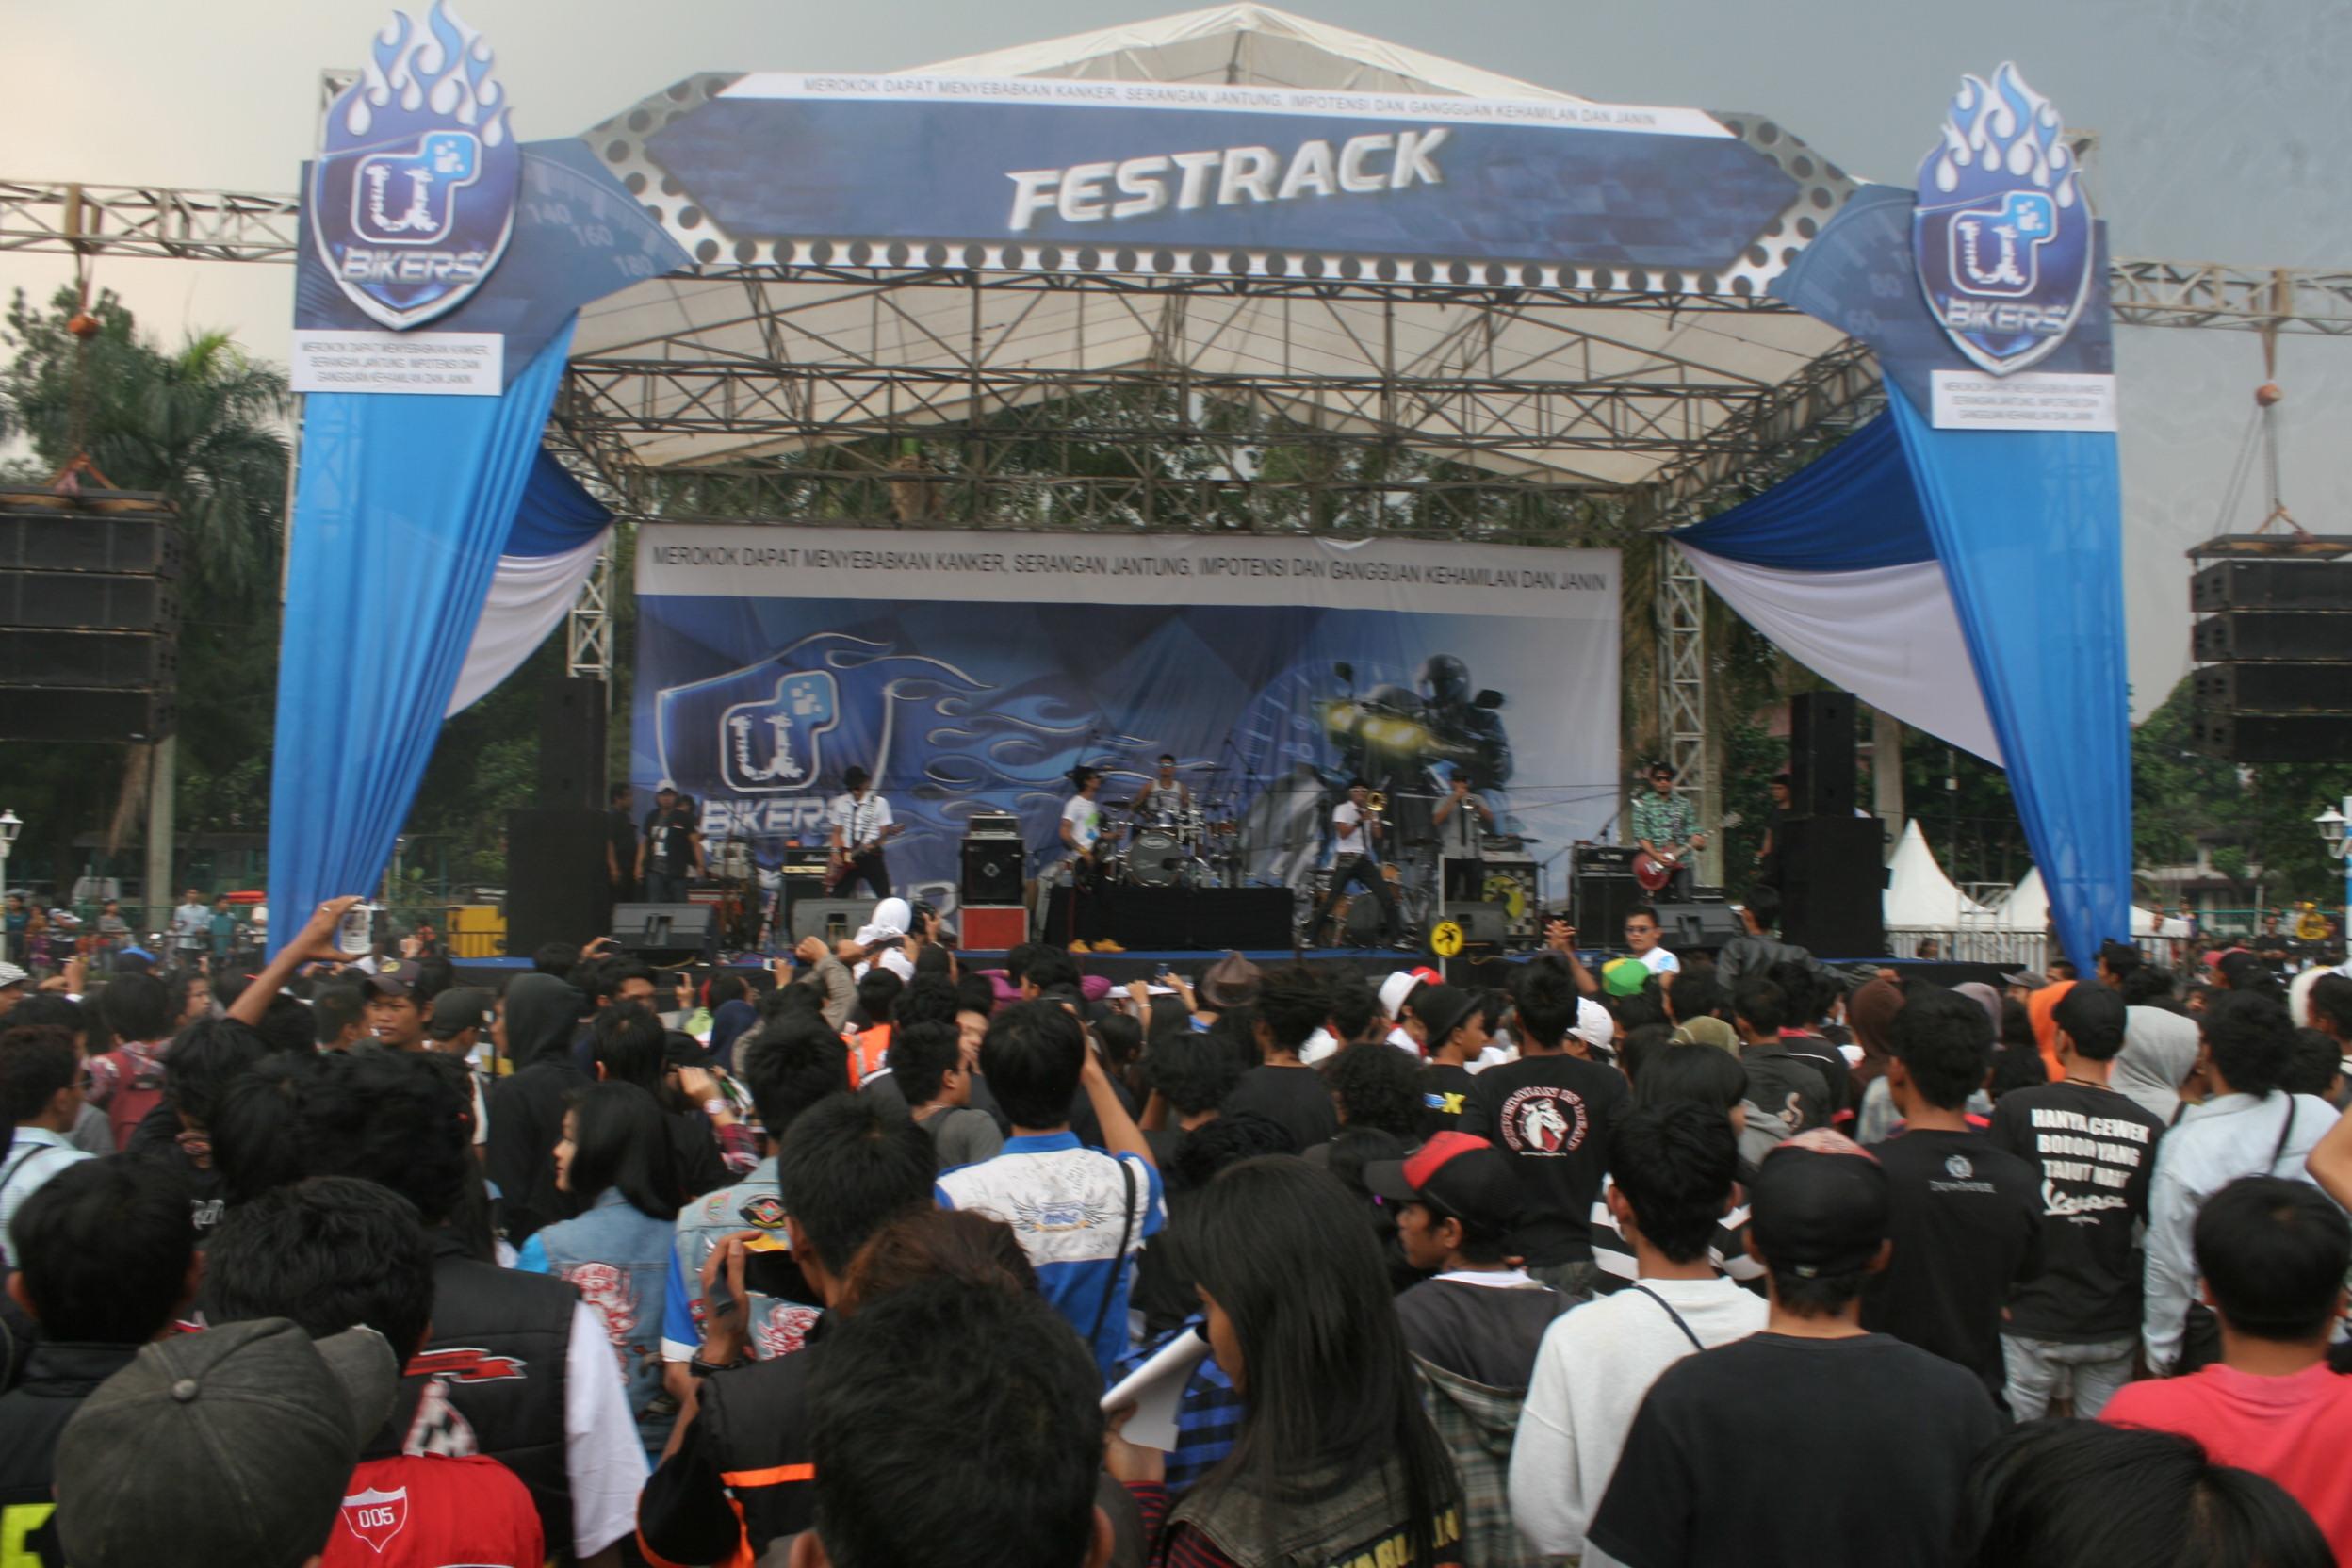 Fastrack 2012 Sambangi Kota Bogor Gilamotor Sampoerna U Mild